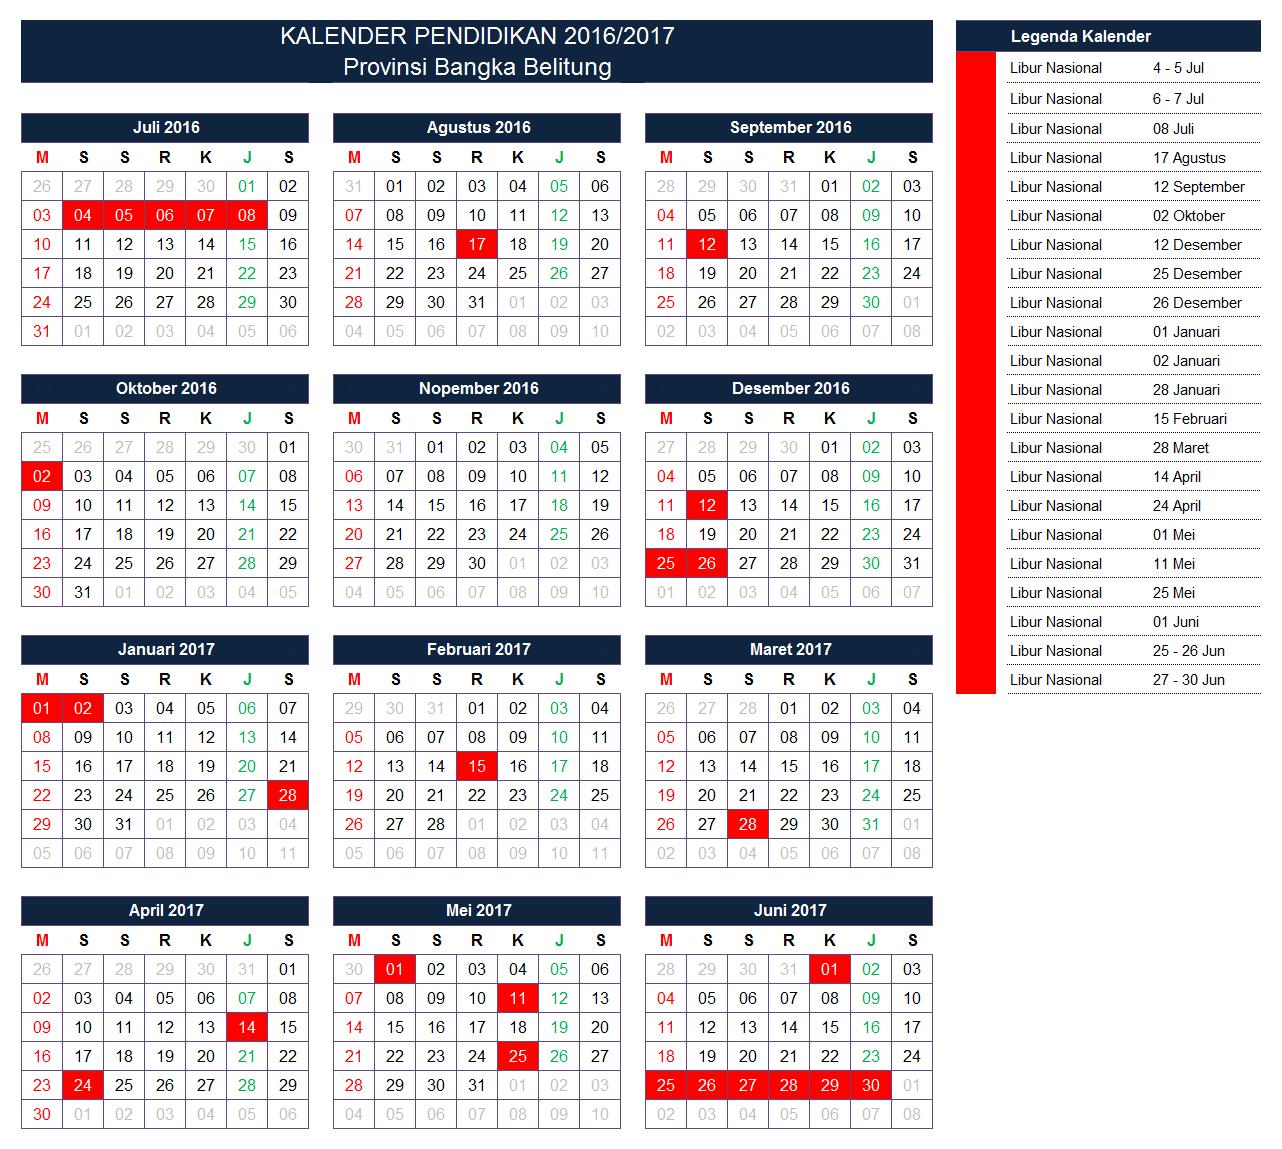 Kalender Pendidikan Provinsi Bangka Belitung